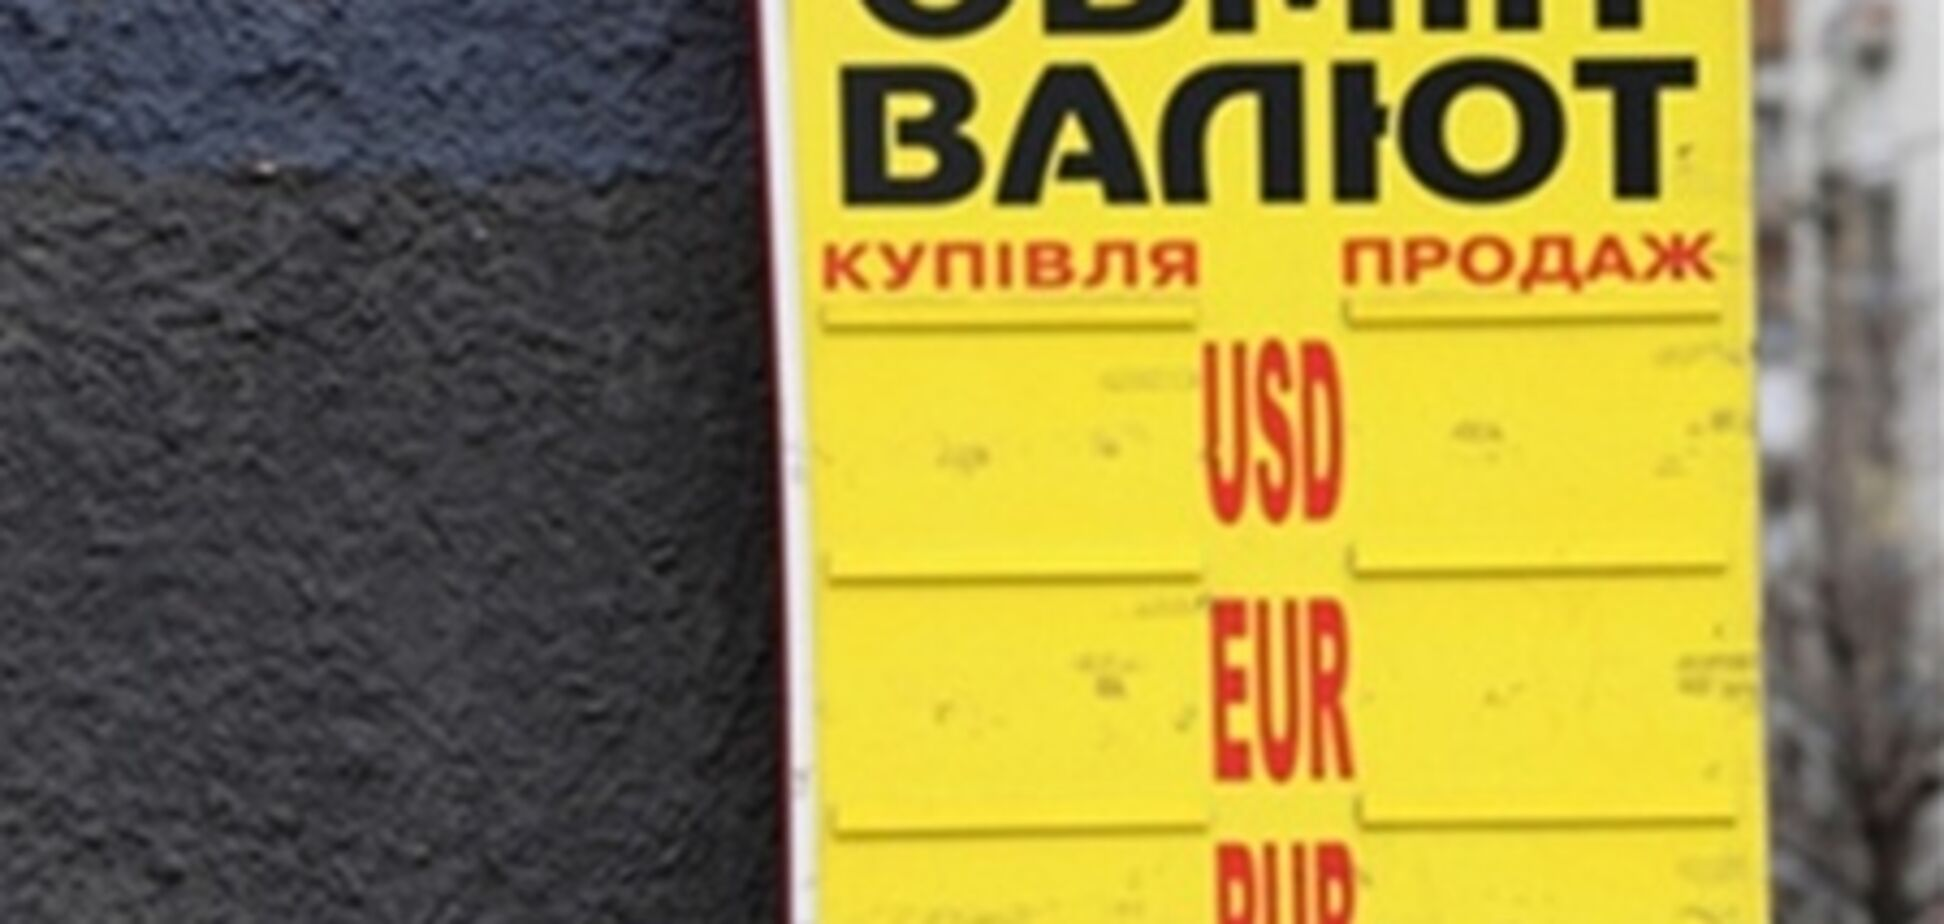 Нападение на обменник в Киеве: в милиции рассказали подробности